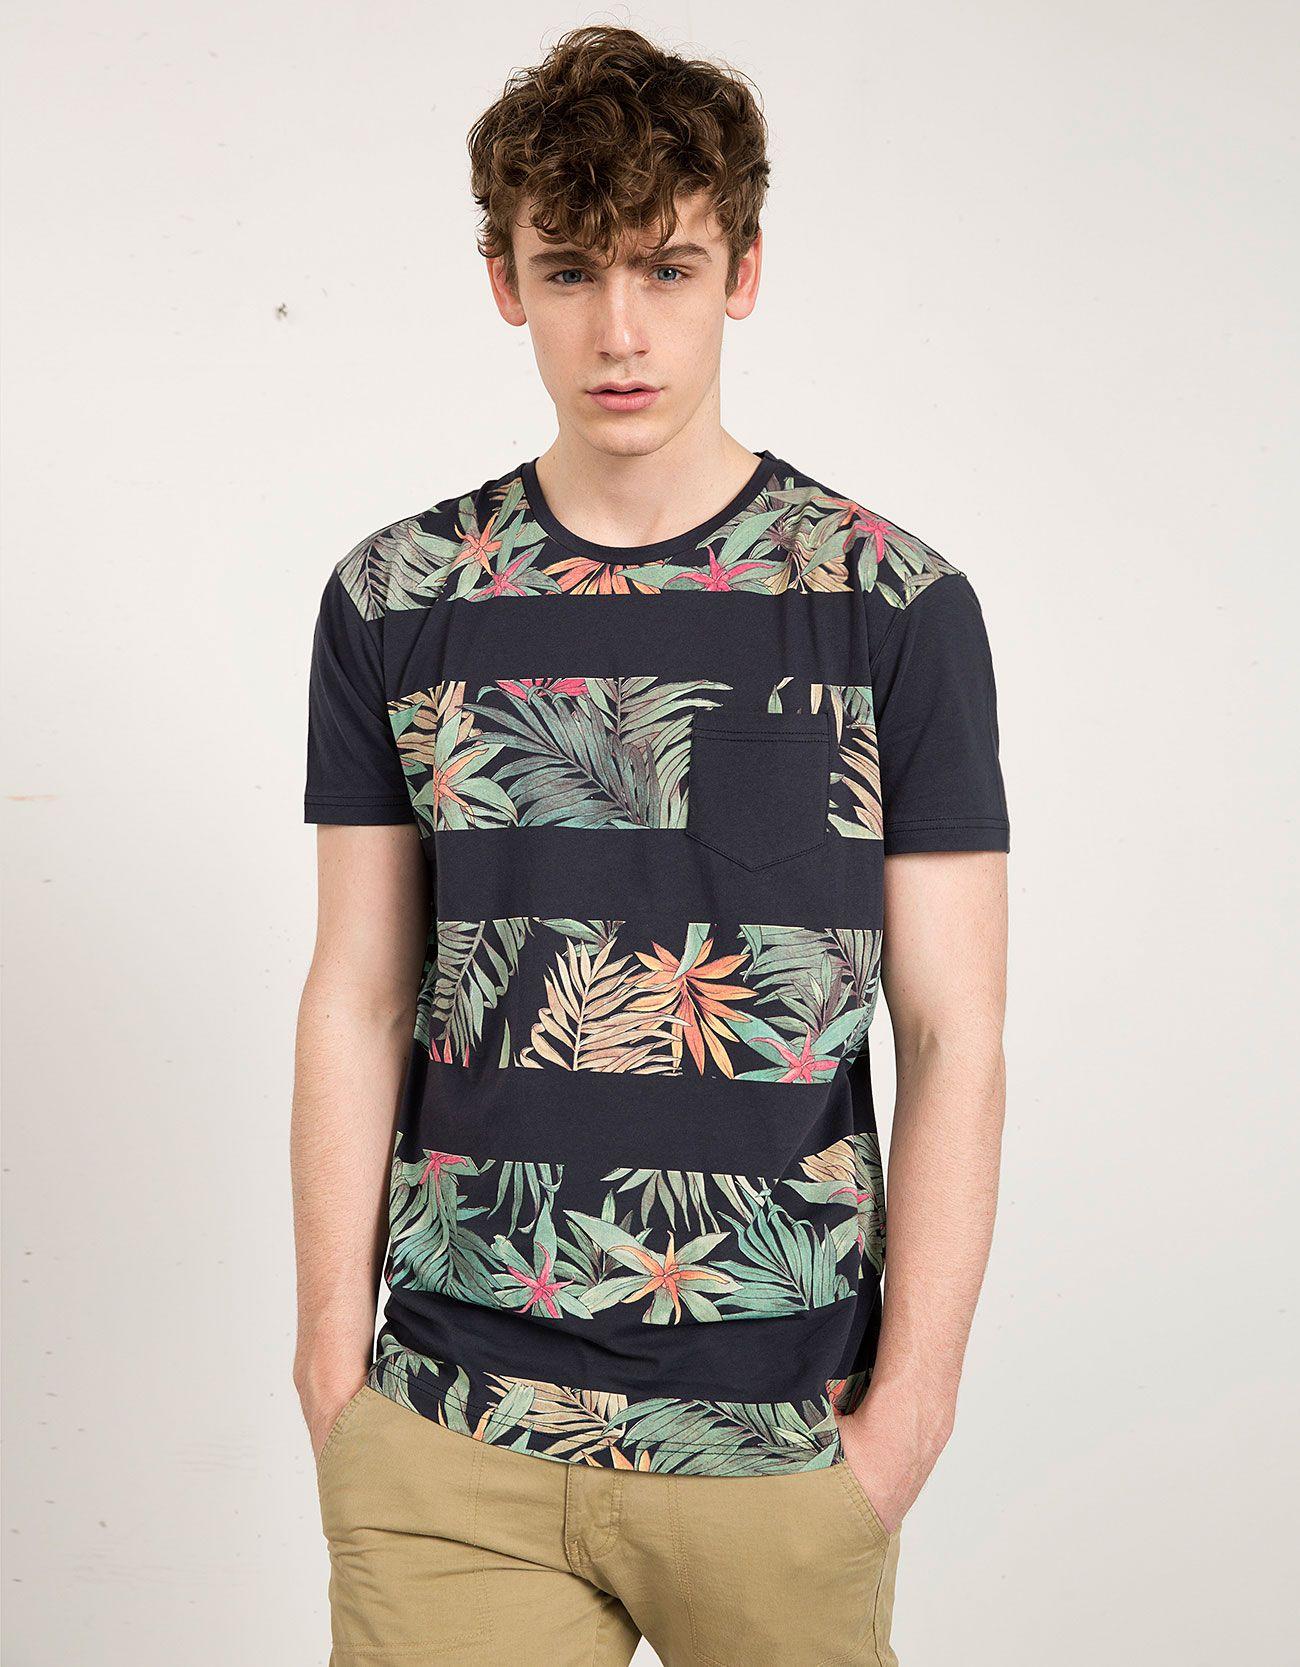 T-shirt flores e riscas - Homem - Bershka Portugal  1b7c833bd23